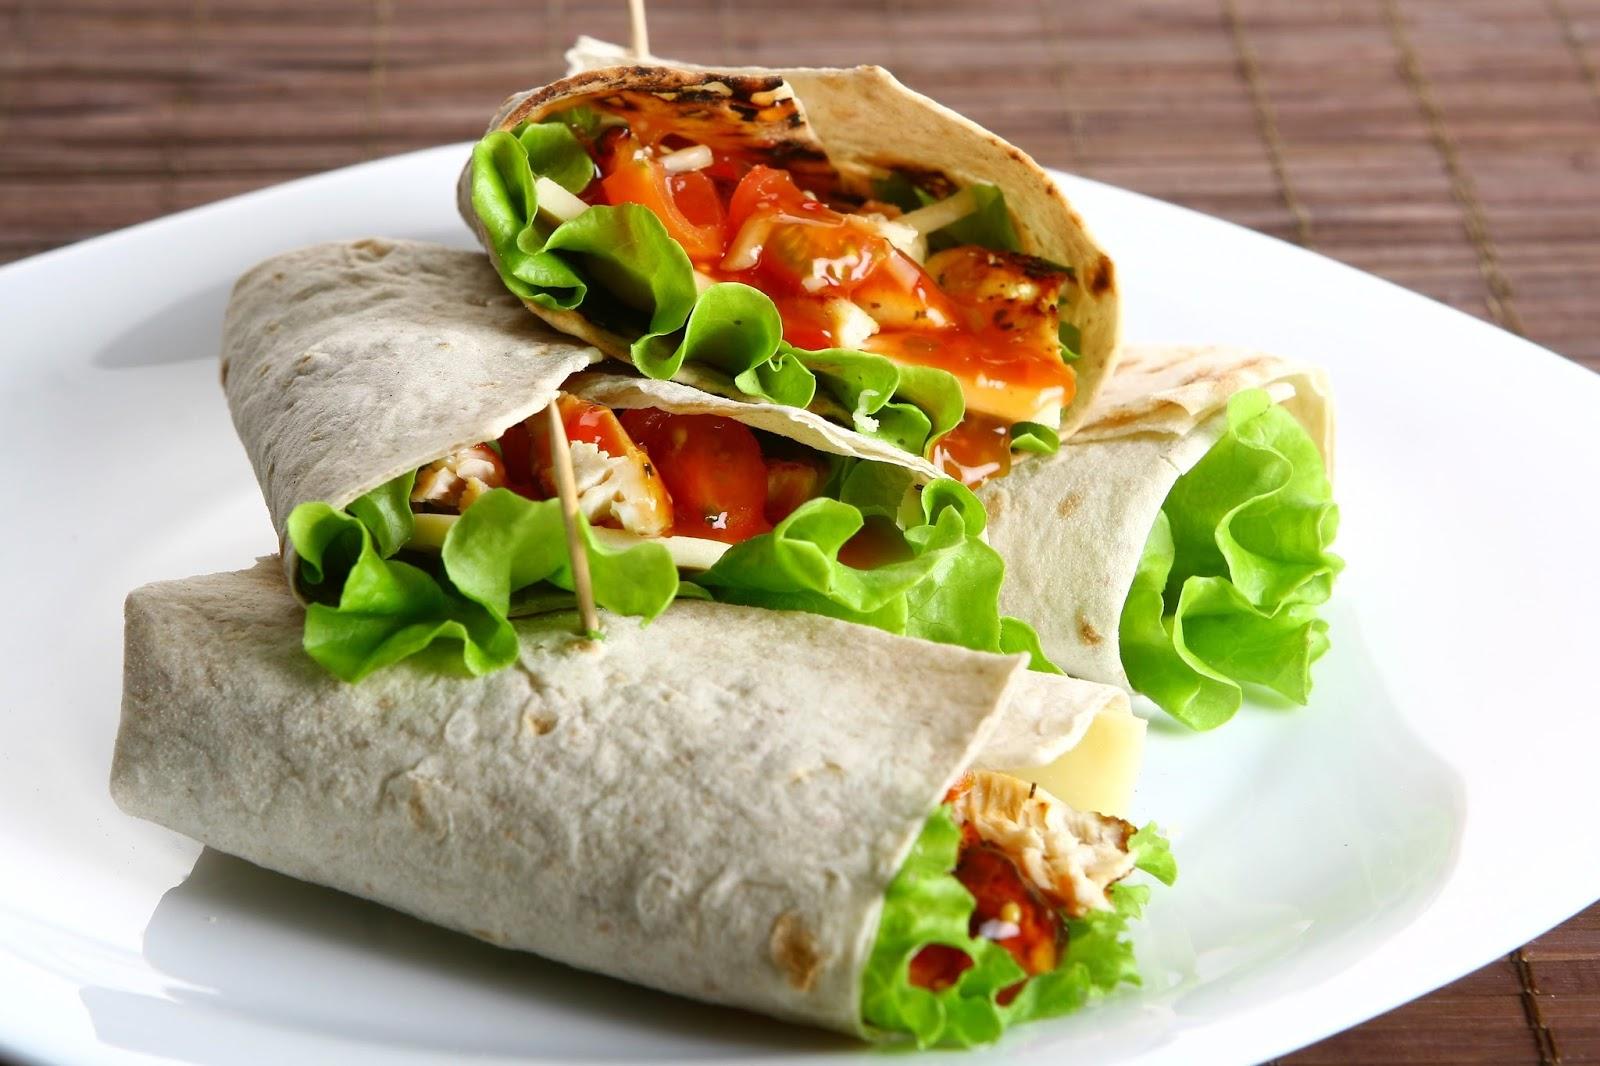 Recetas saludables para cada uno rollitos de verduras con Plato rapido y facil de preparar